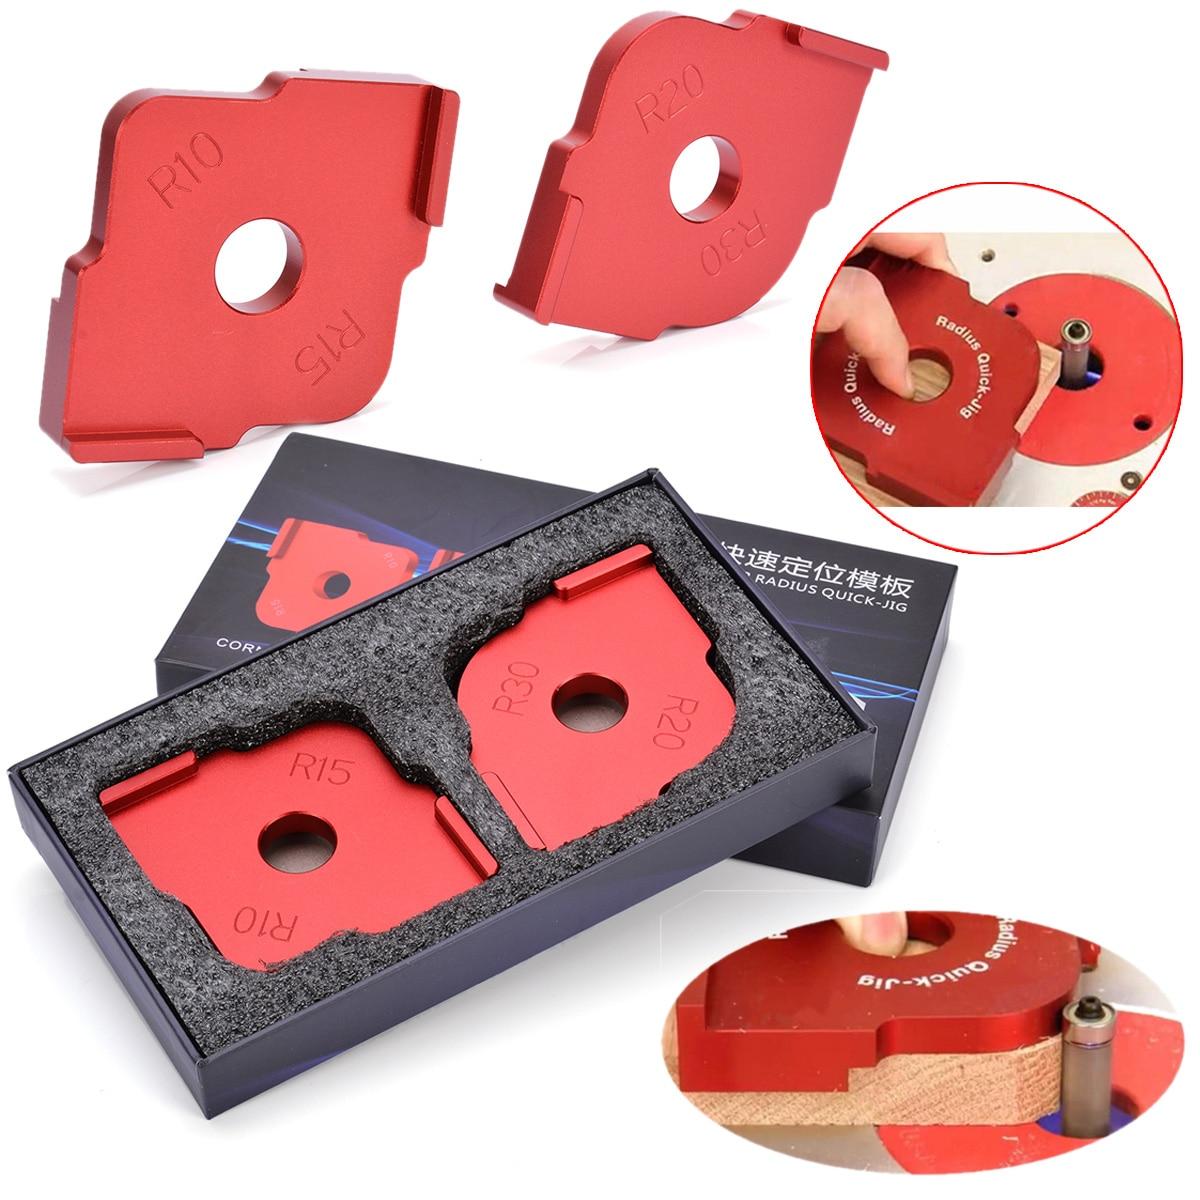 1 Satz Radius Schnell-jig Router Tisch Bit Ecke Jig Vorlagen Mit Box Mayitr Für Holzbearbeitung Werkzeuge